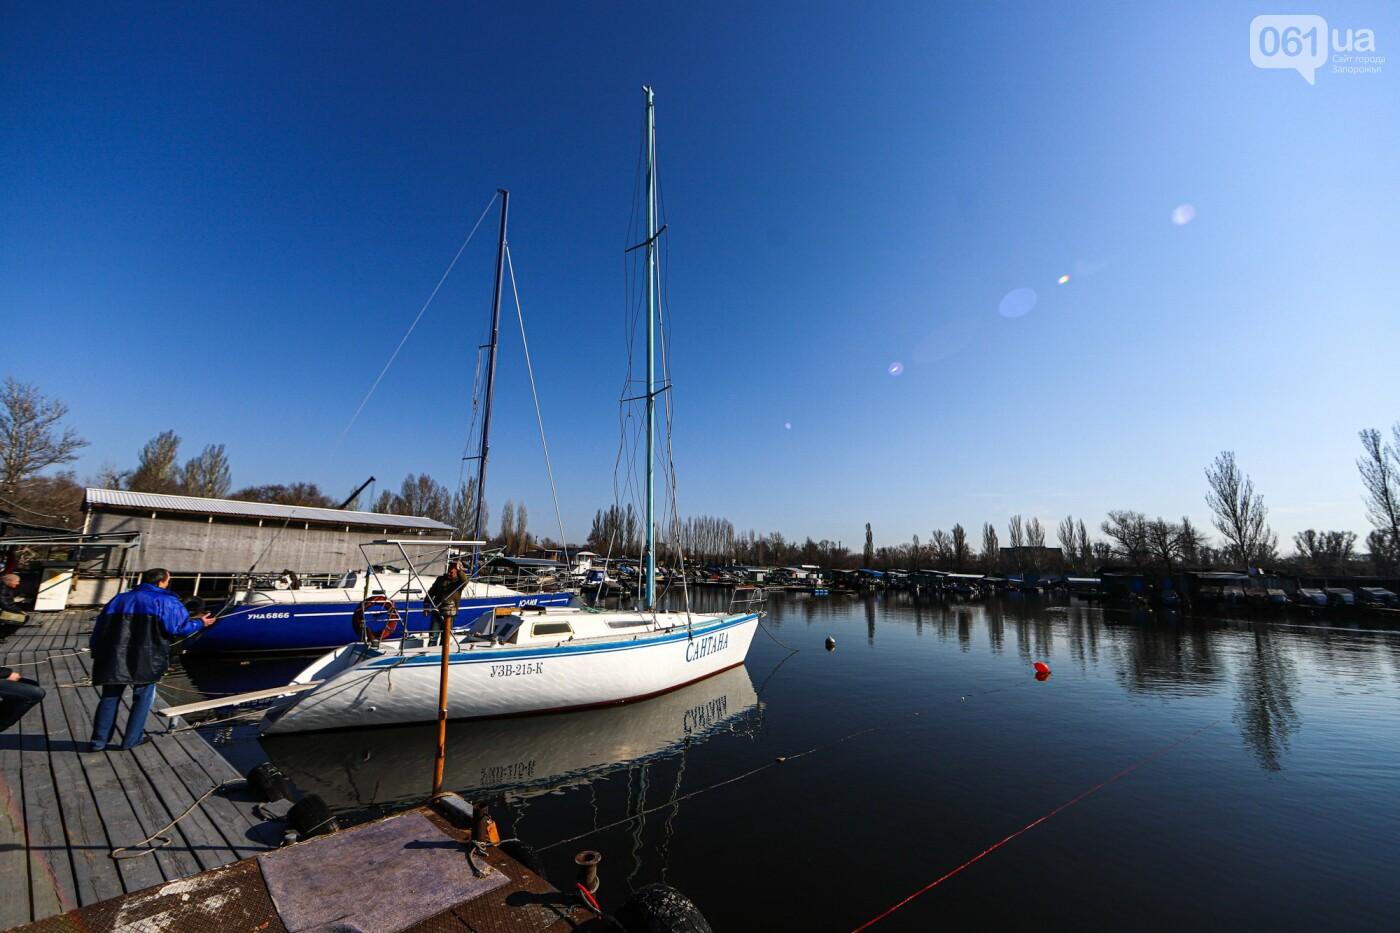 «Семь футов под килем!»: как в запорожском яхт-клубе спускали судна на воду, - ФОТОРЕПОРТАЖ , фото-23